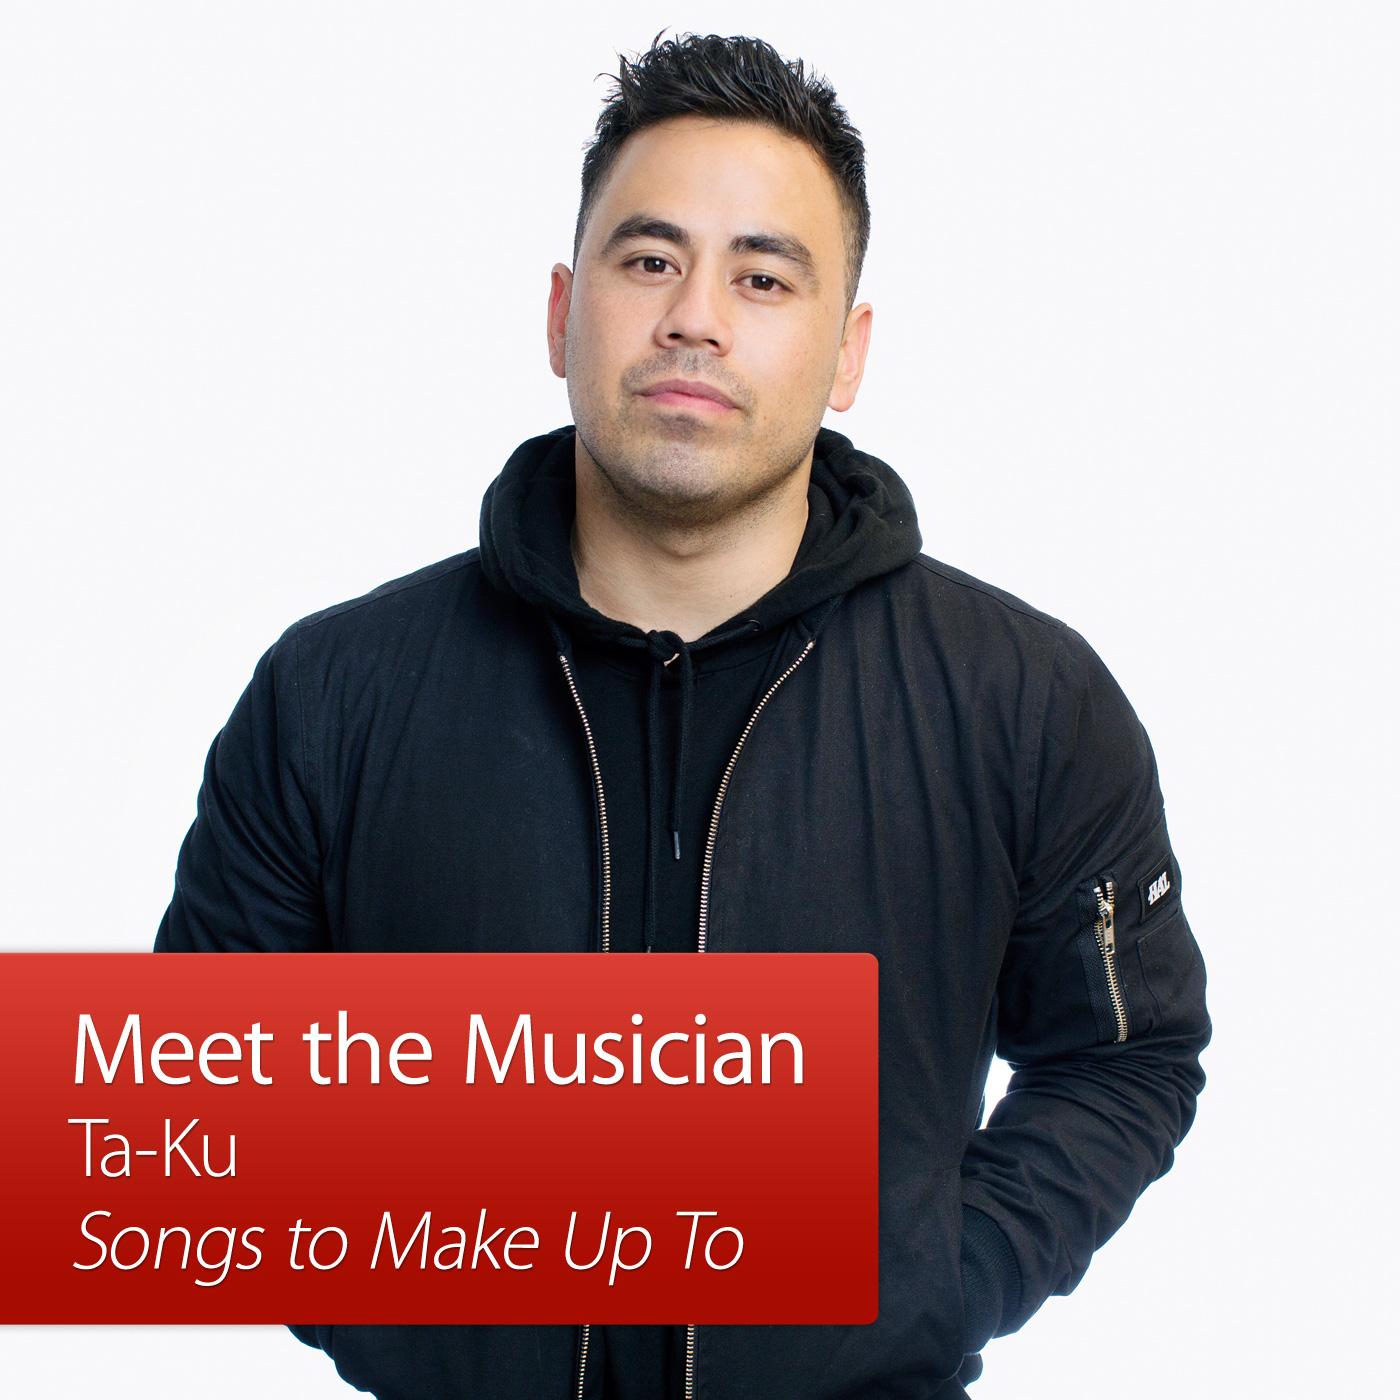 Ta-ku: Meet the Musician